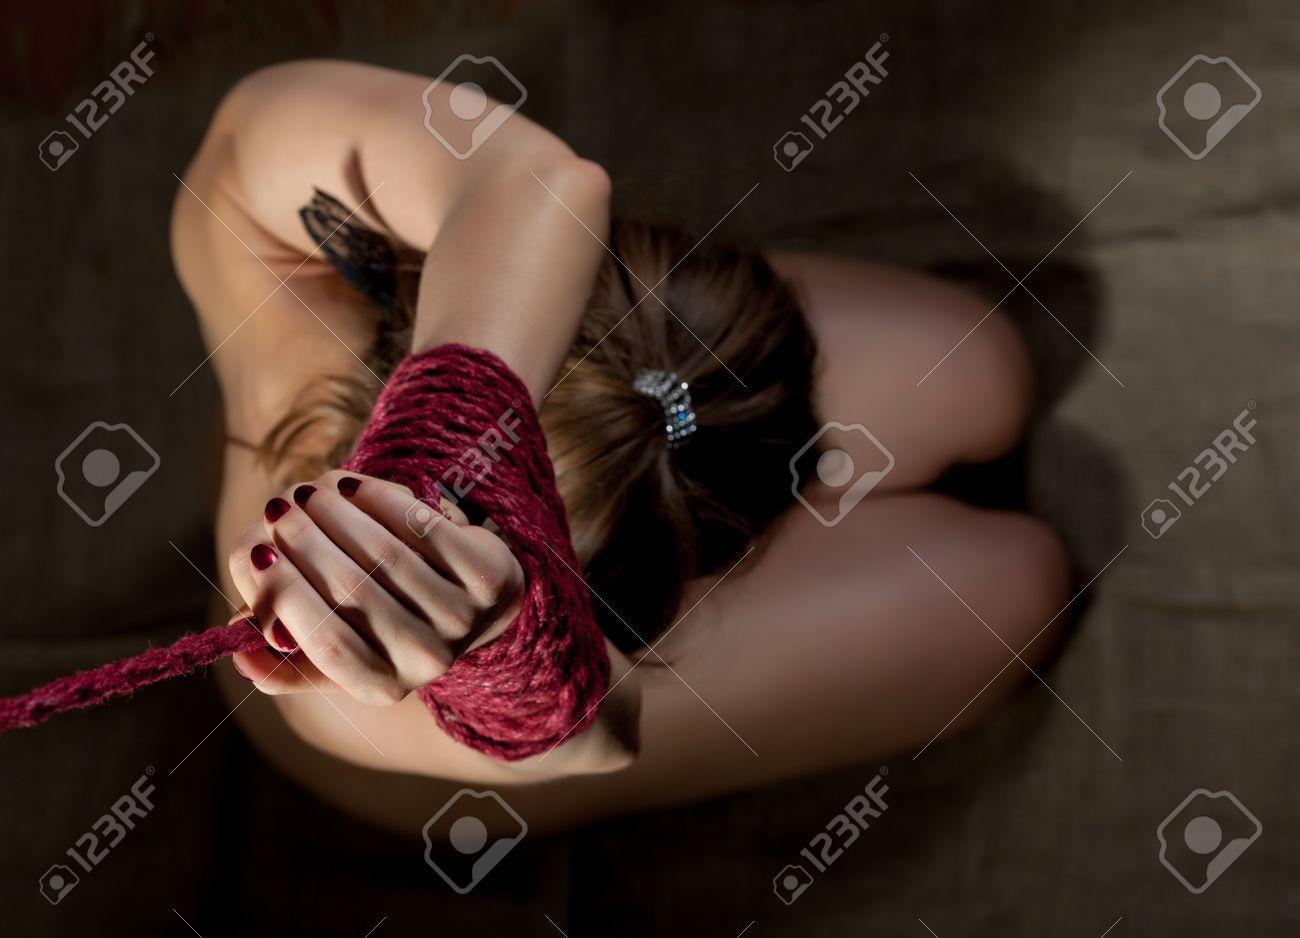 Фото связывания женщины 10 фотография